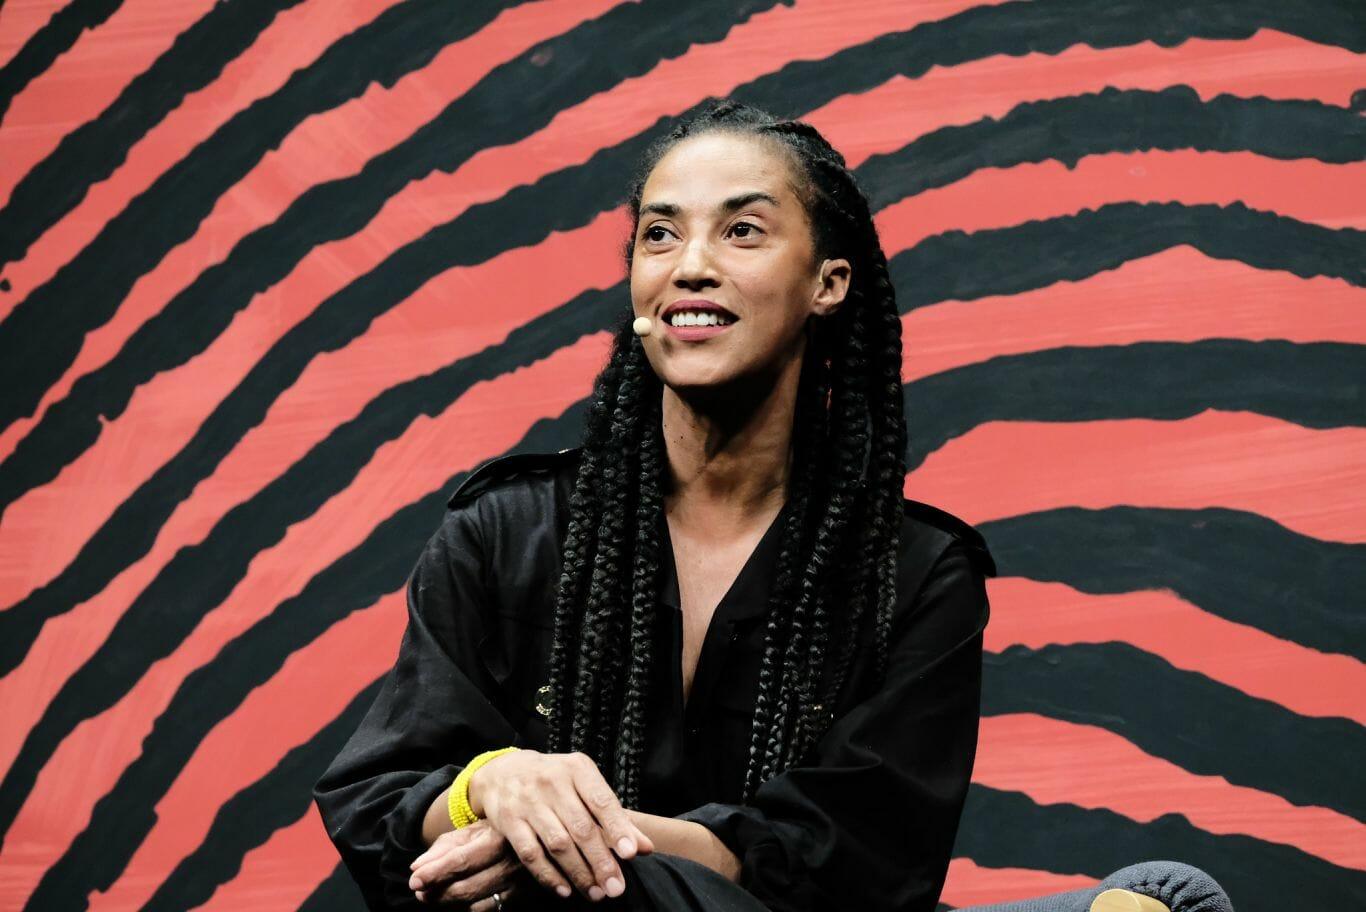 Grada Kilomba foi a autora que mais vendeu livros na Flip 2019